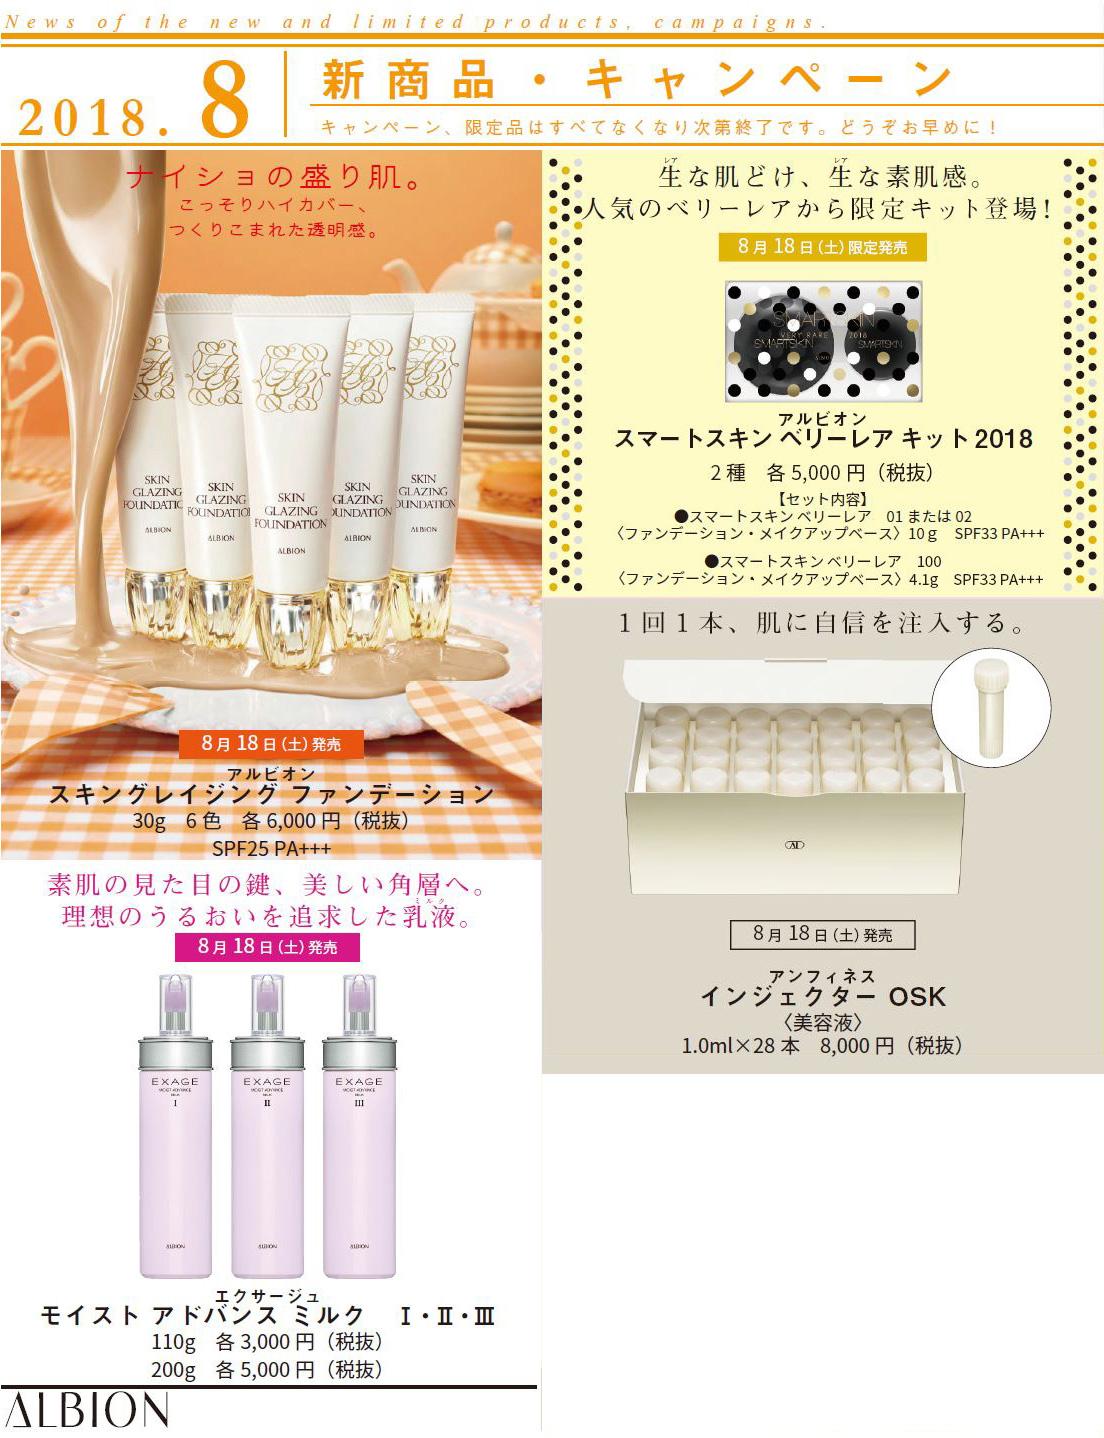 2018. 8 新商品のお知らせ_01